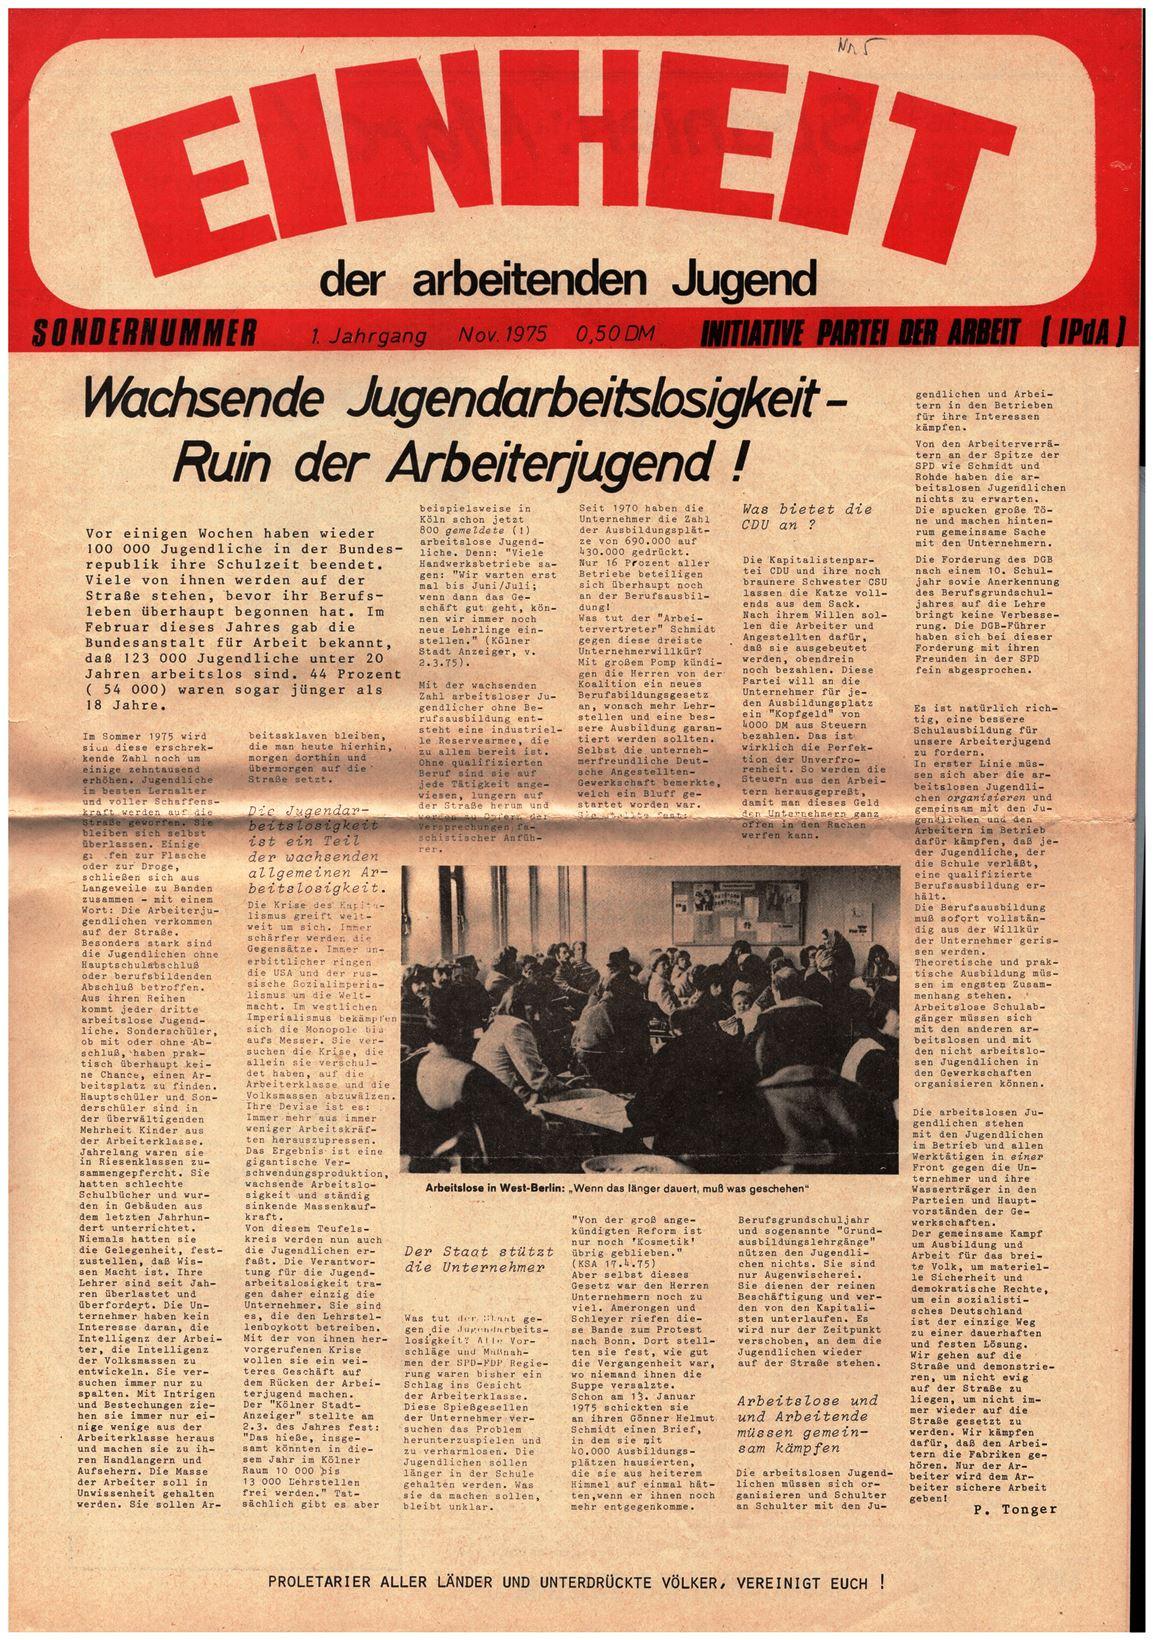 Koeln_IPdA_Einheit_1975_005_001